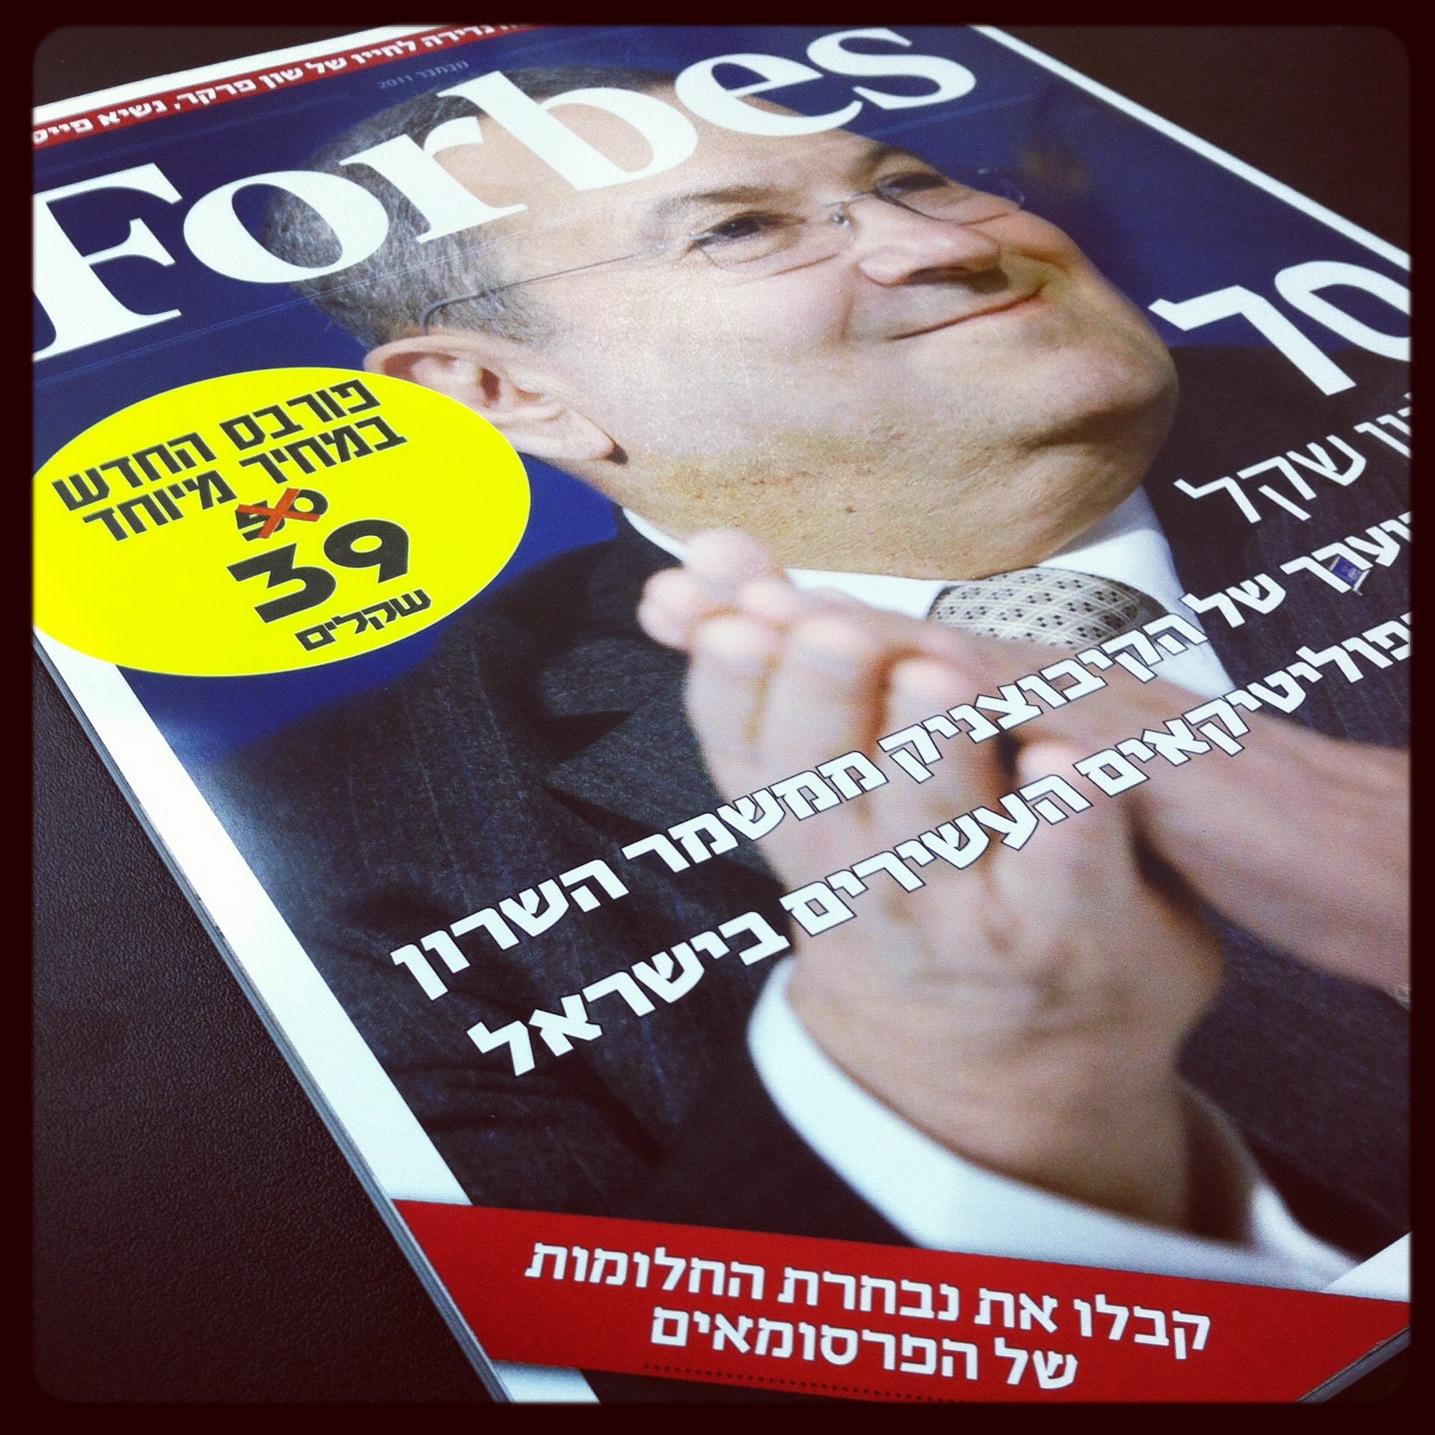 נבחרת החלומות של הפרסומאים והפרסומאיות בישראל - פורבס, נובמבר 2011